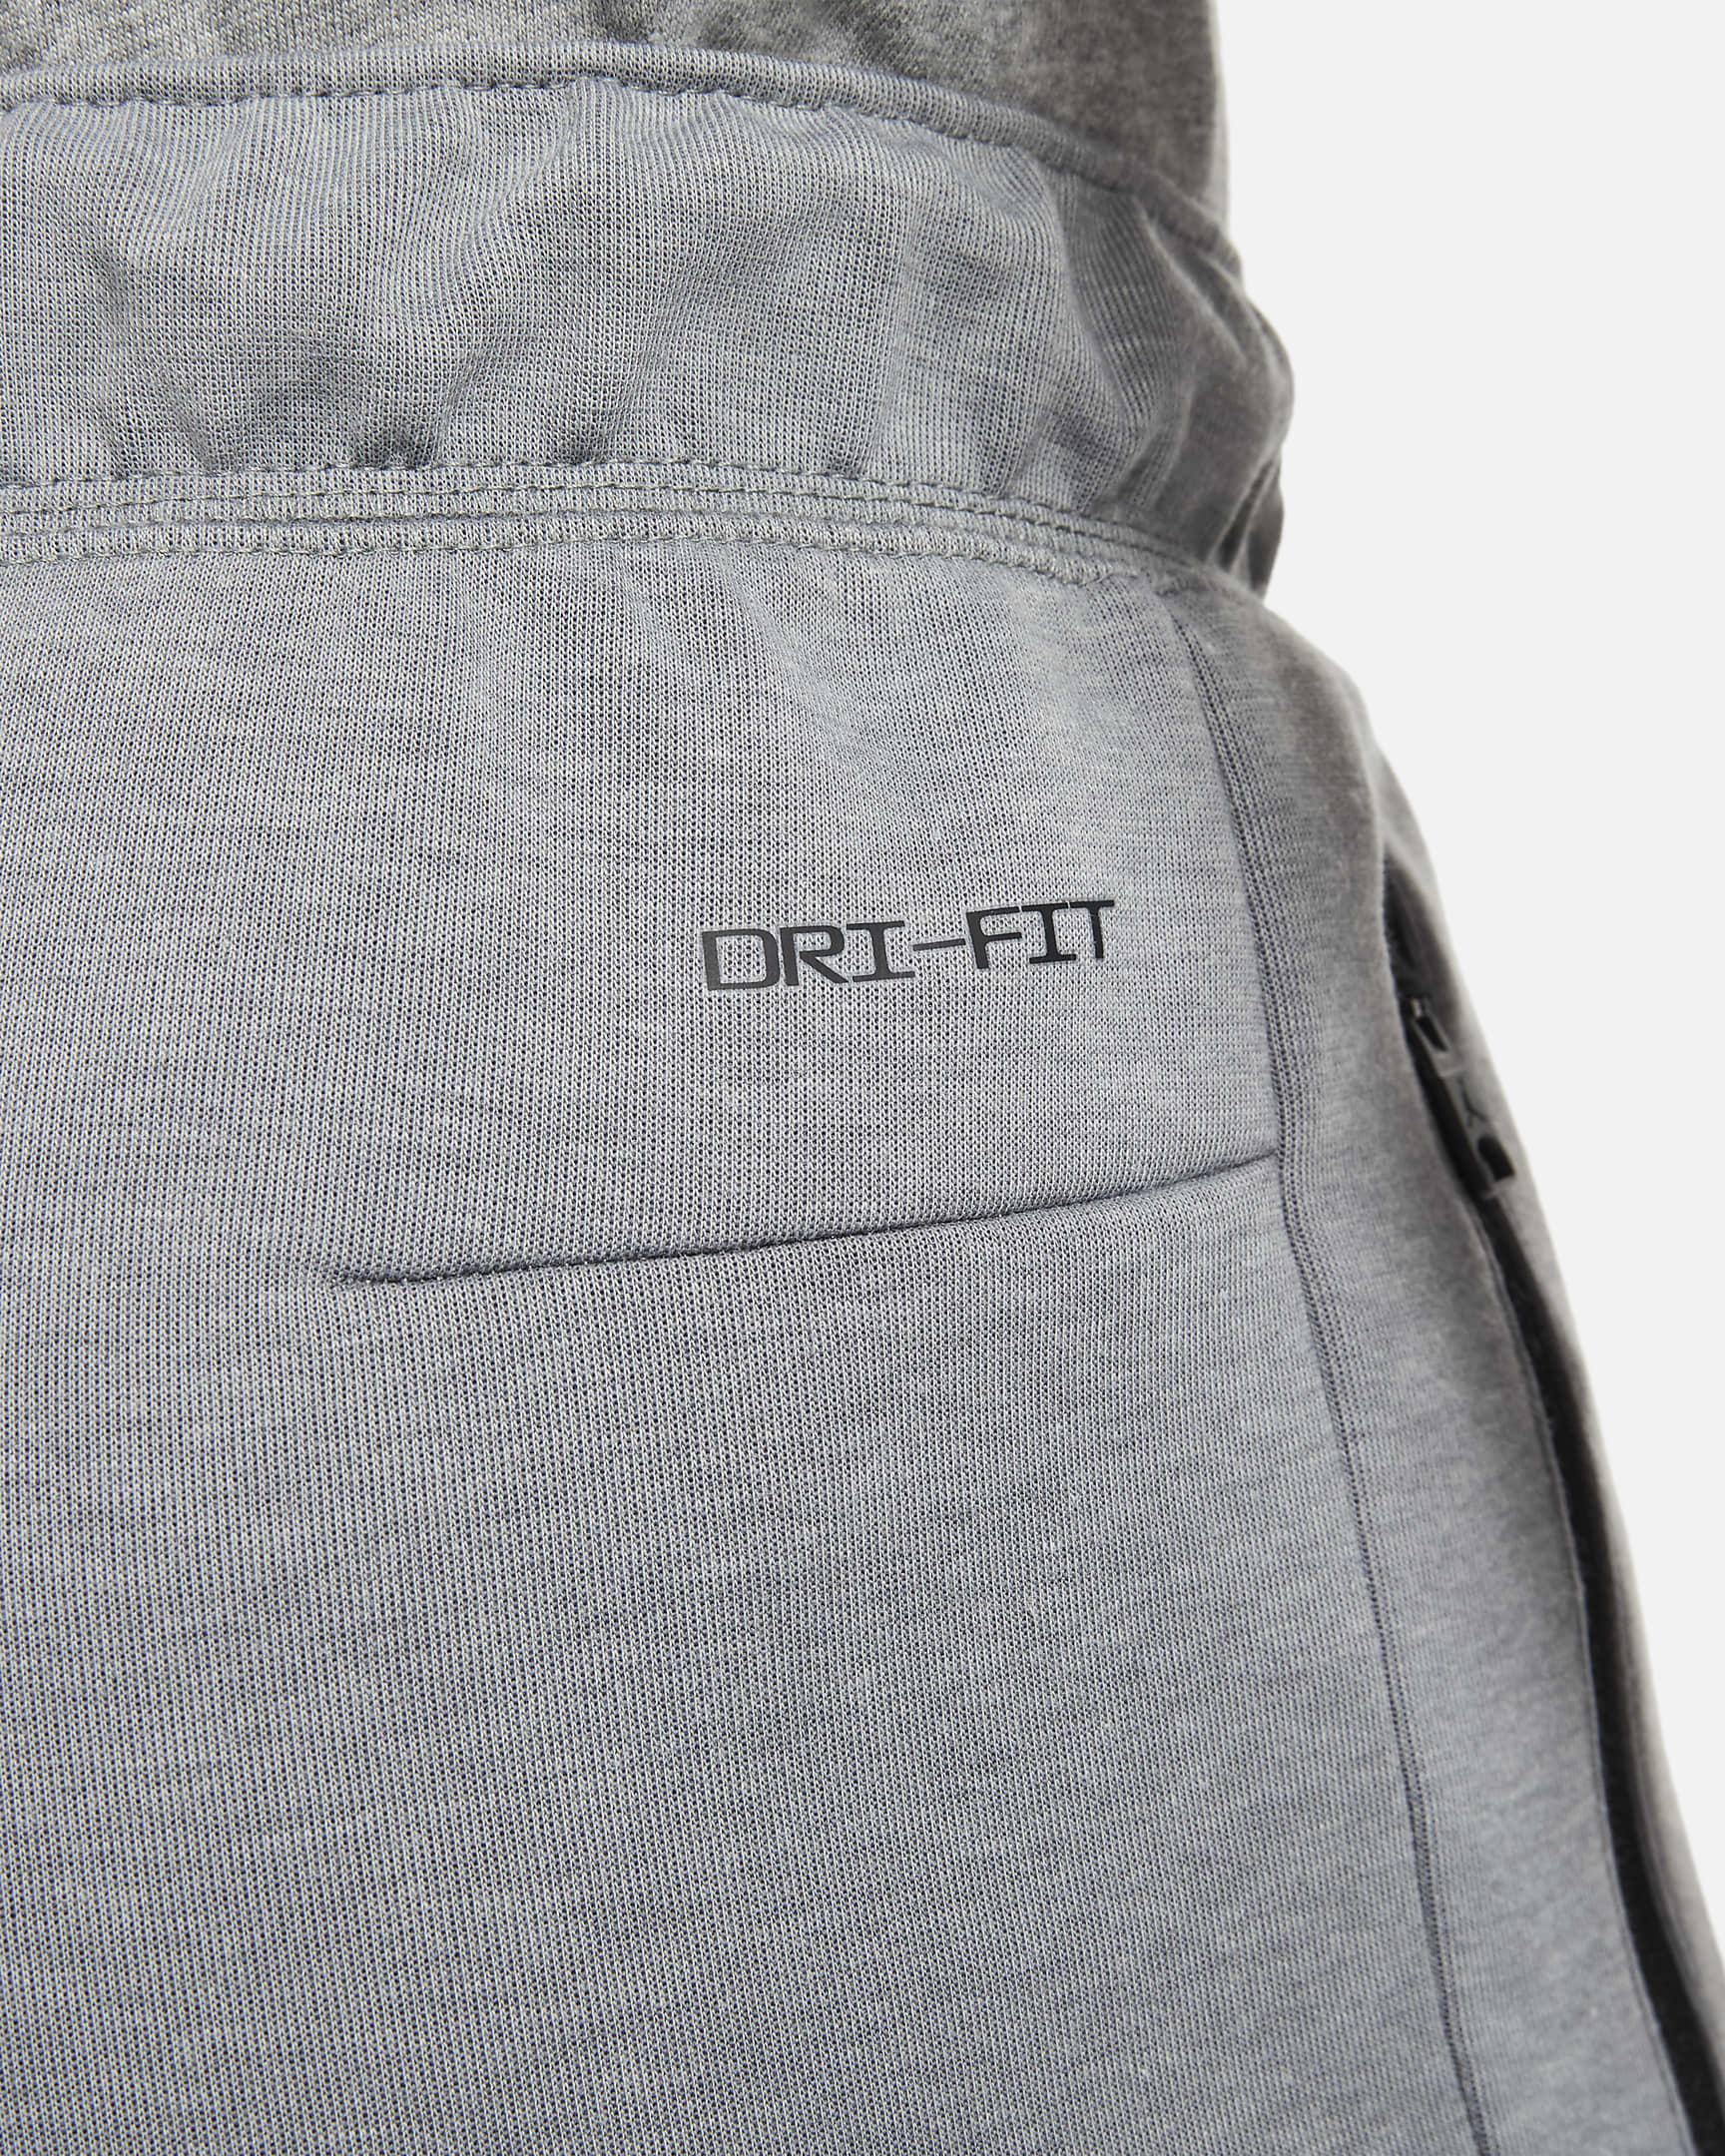 jordan-dri-fit-air-mens-pants-2FKn4X-4.png